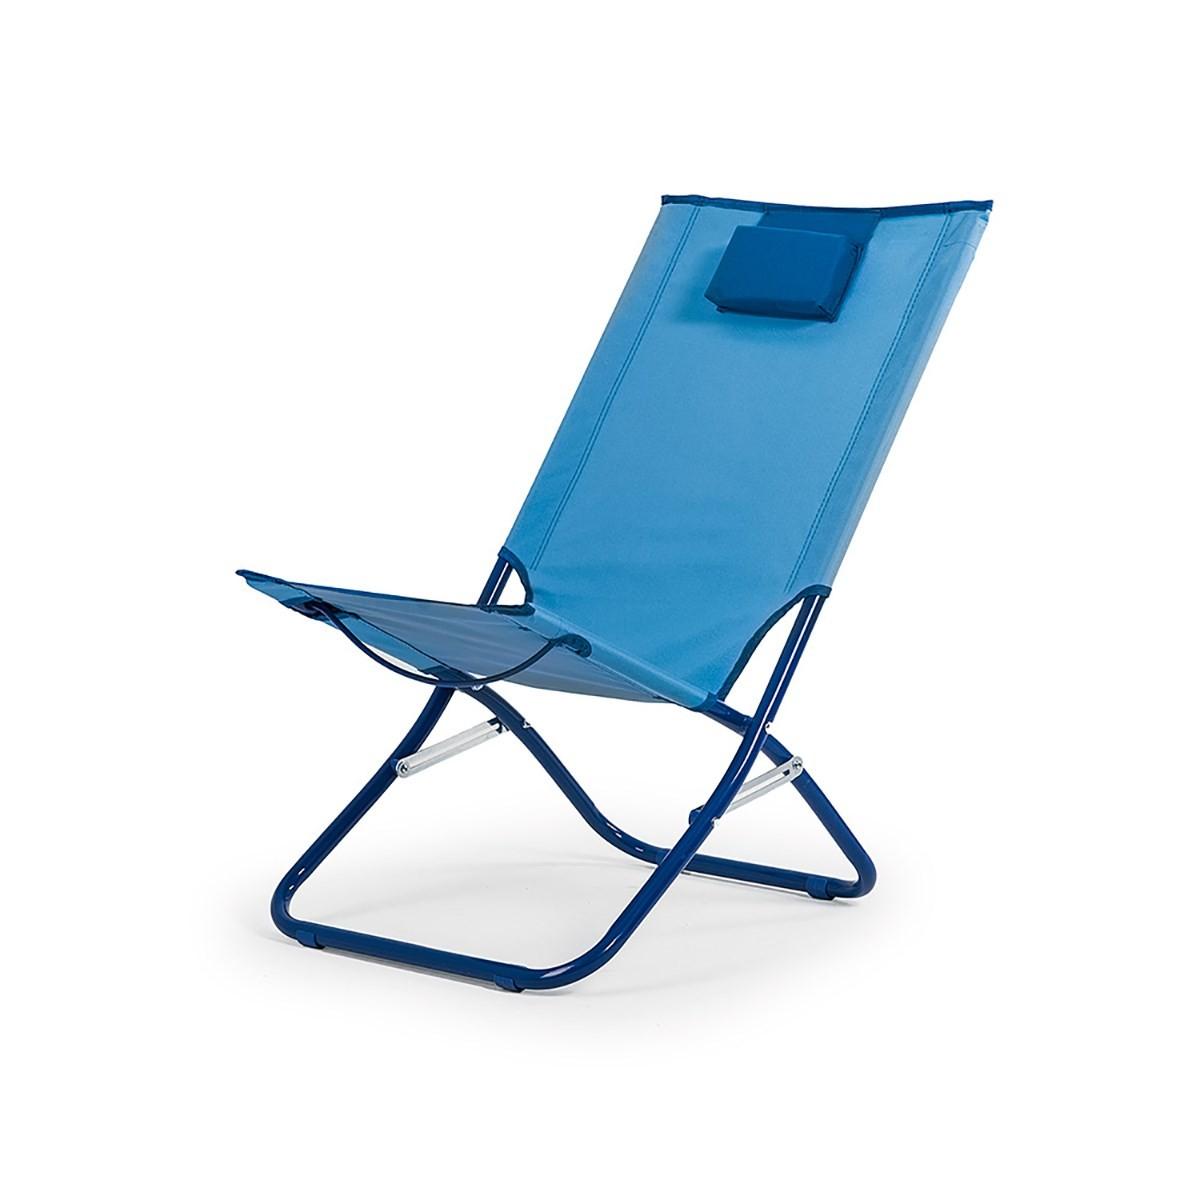 Maui extra 2 transats chaises pliables parasol jardin for Chaises longues pliables